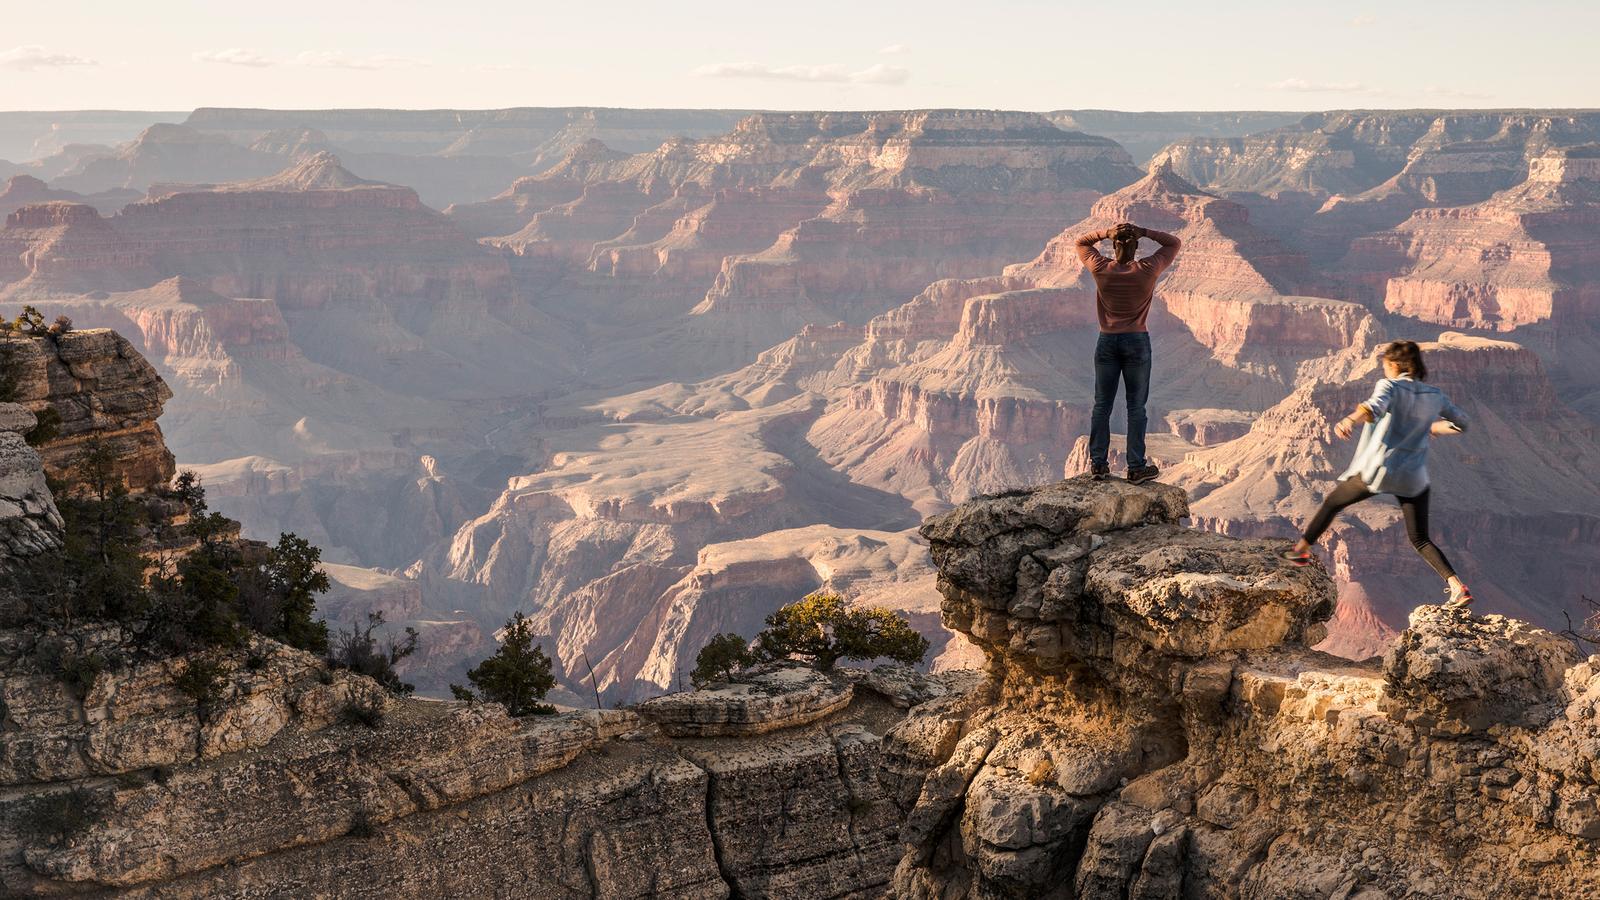 Camping im Westen der USA Gruppenreise für junge Leute traveljunkies